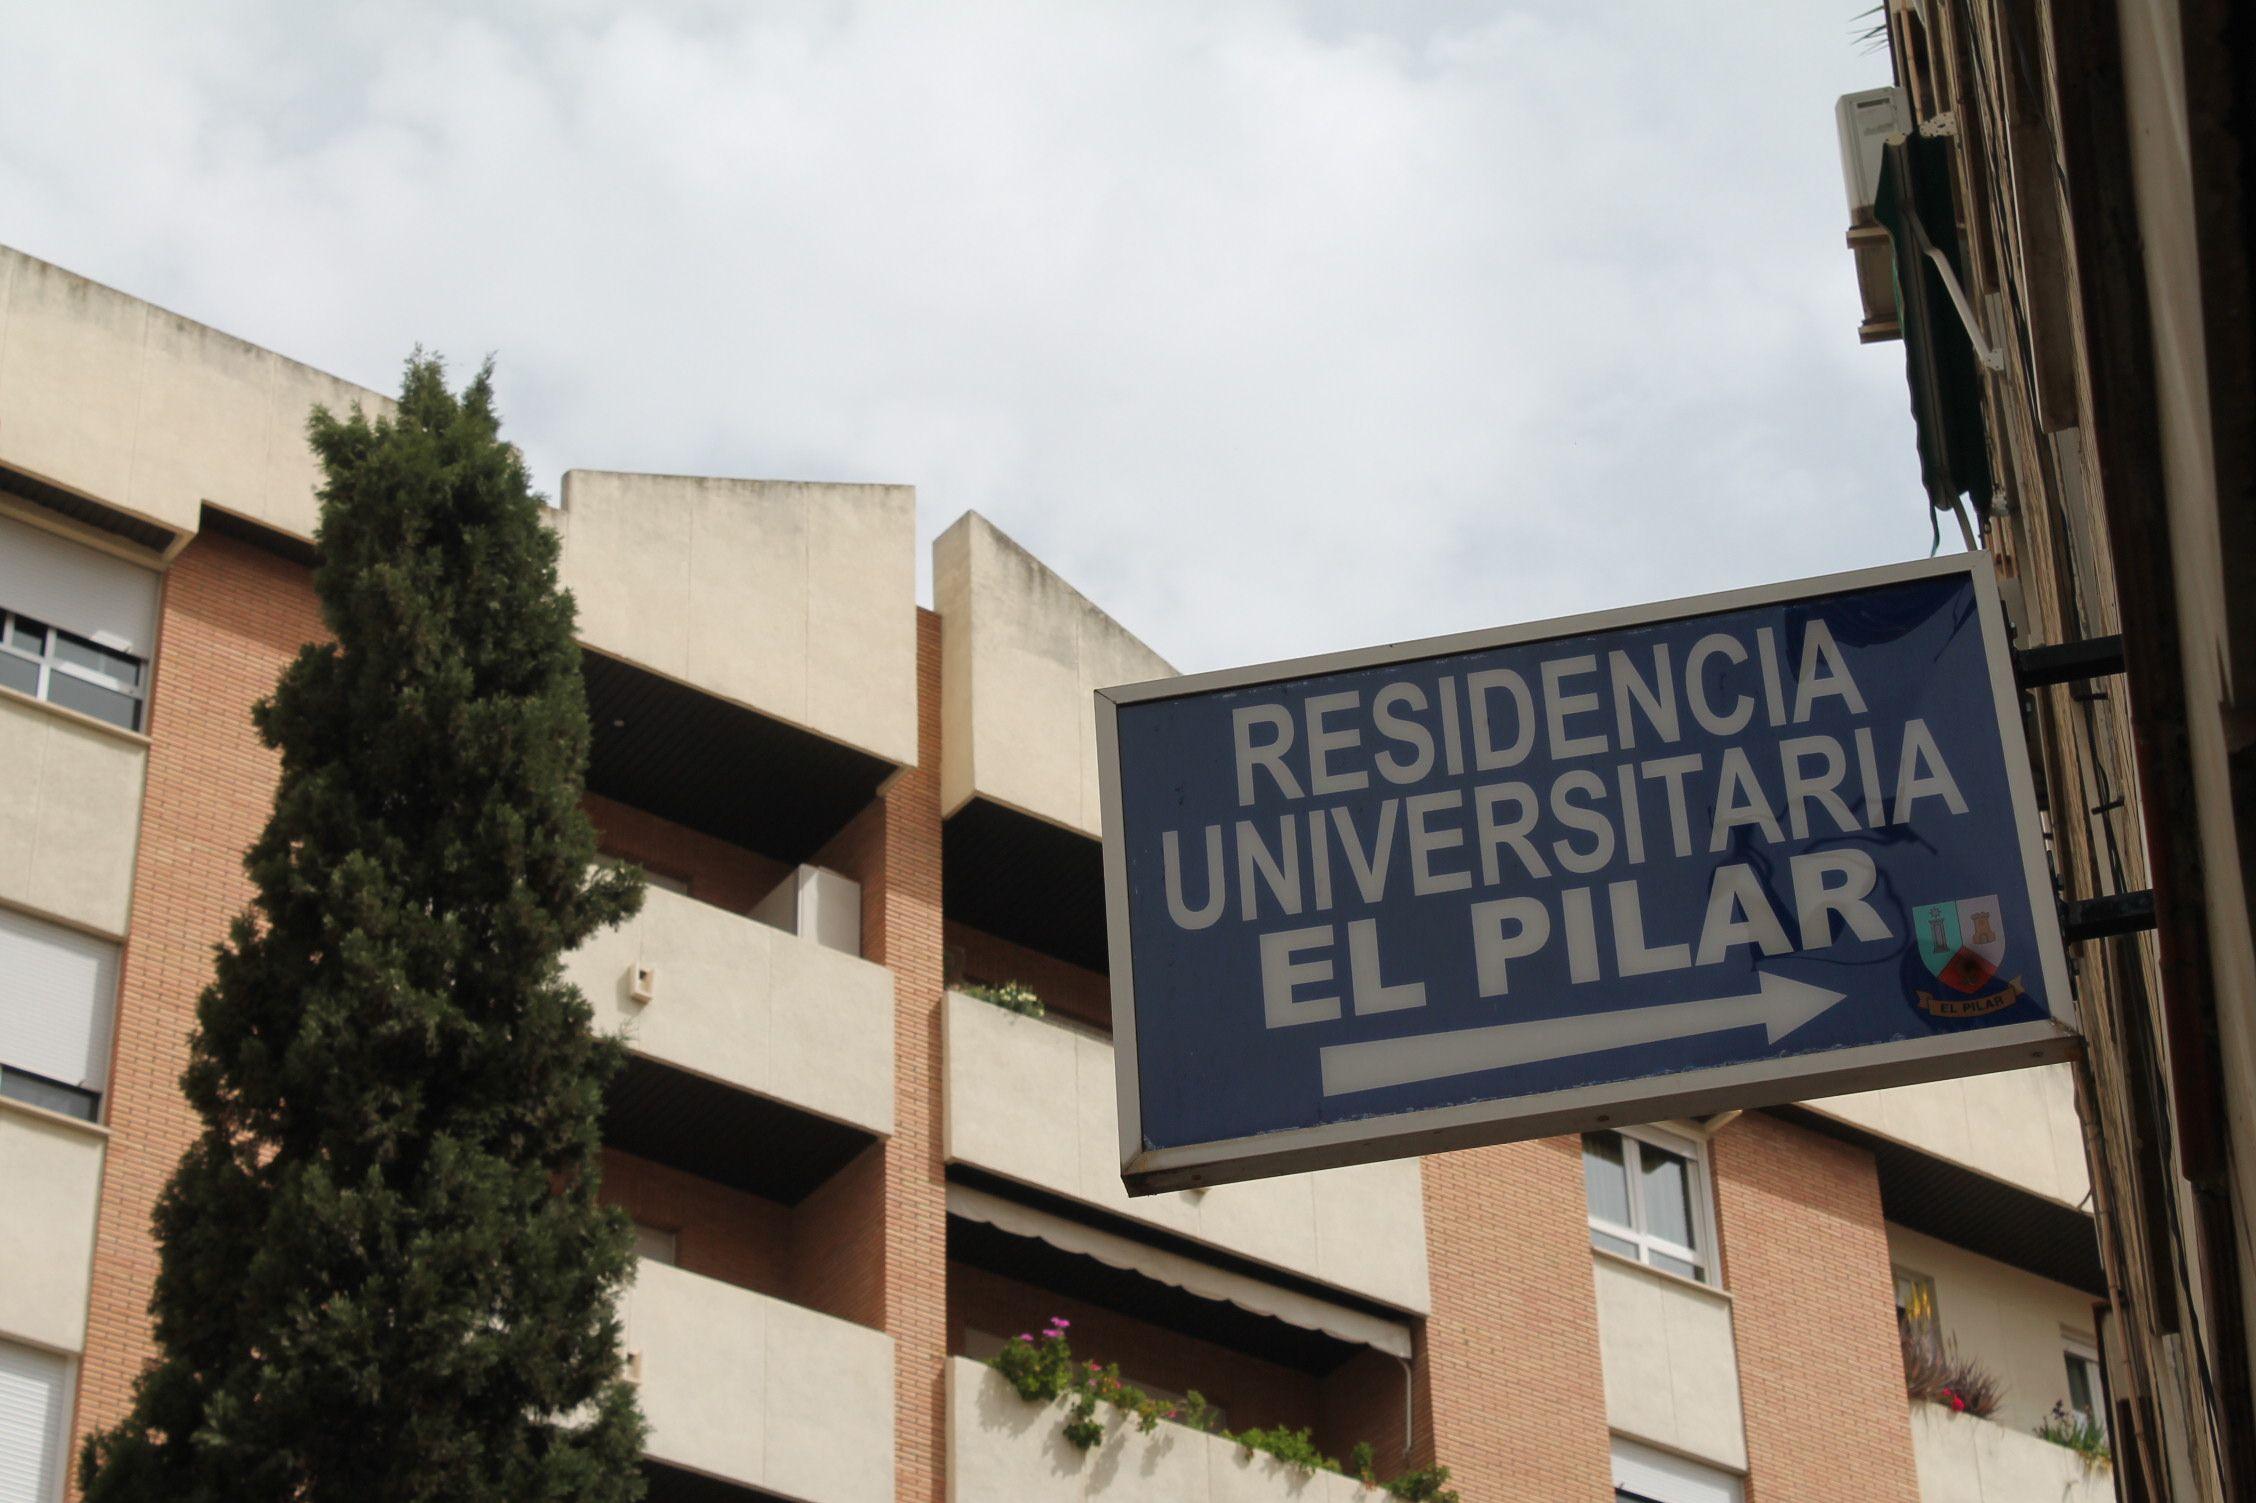 El Pilar en Granada